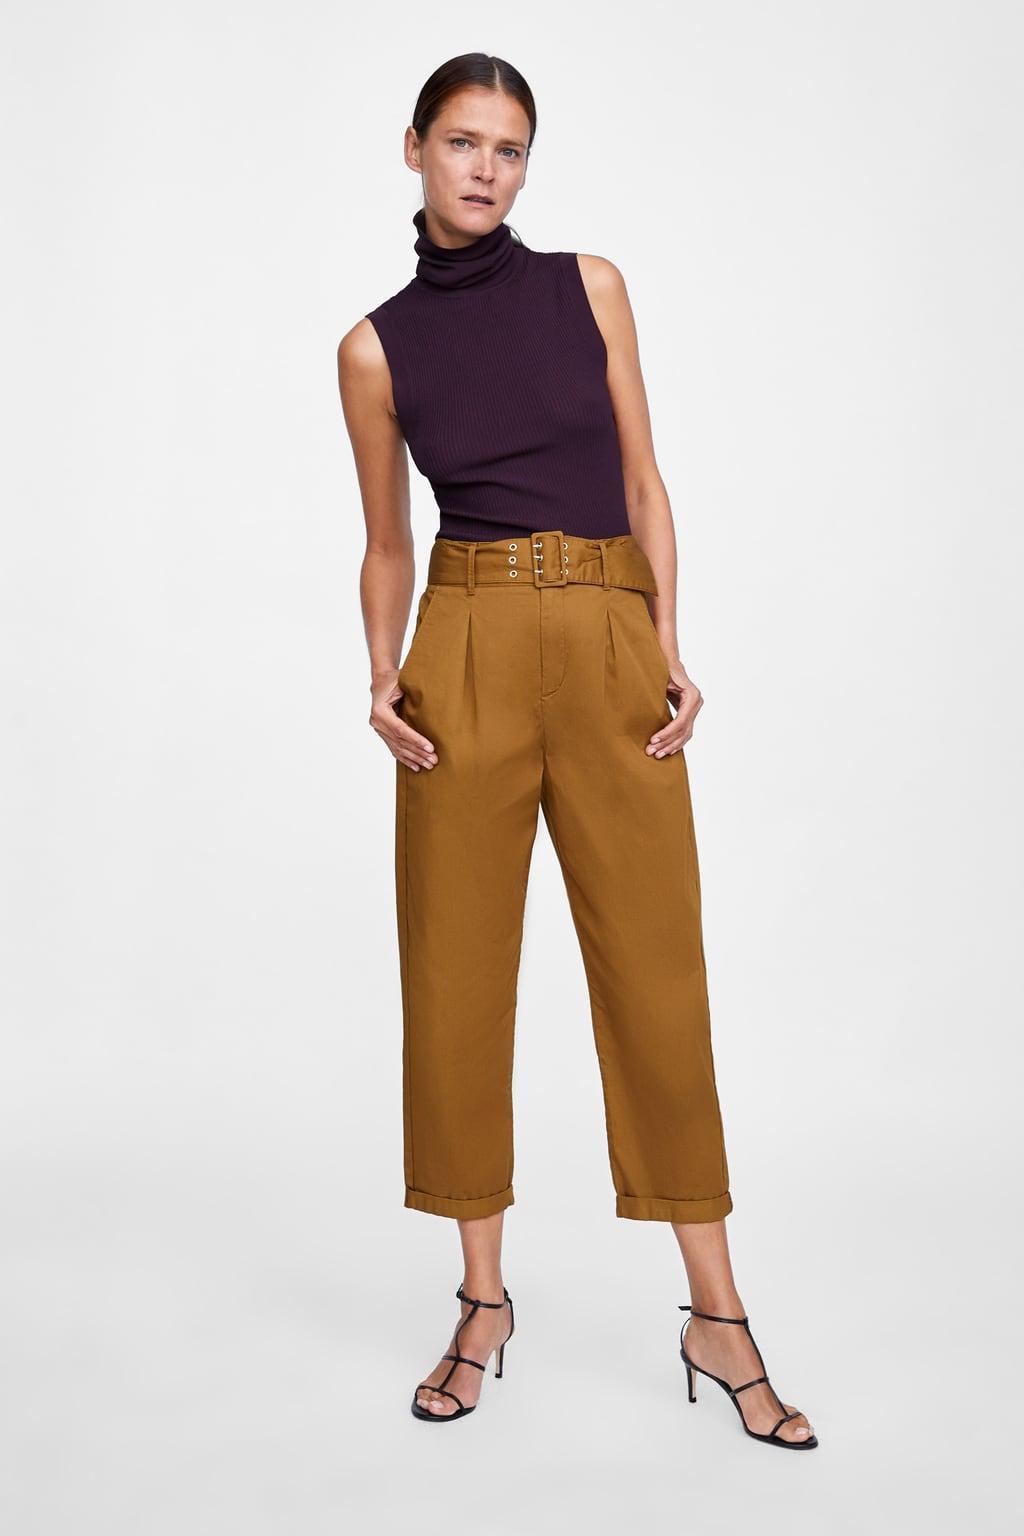 871bd5ea Отзыв на Плиссированные брюки с поясом (джинсы и брюки) из Zara ...